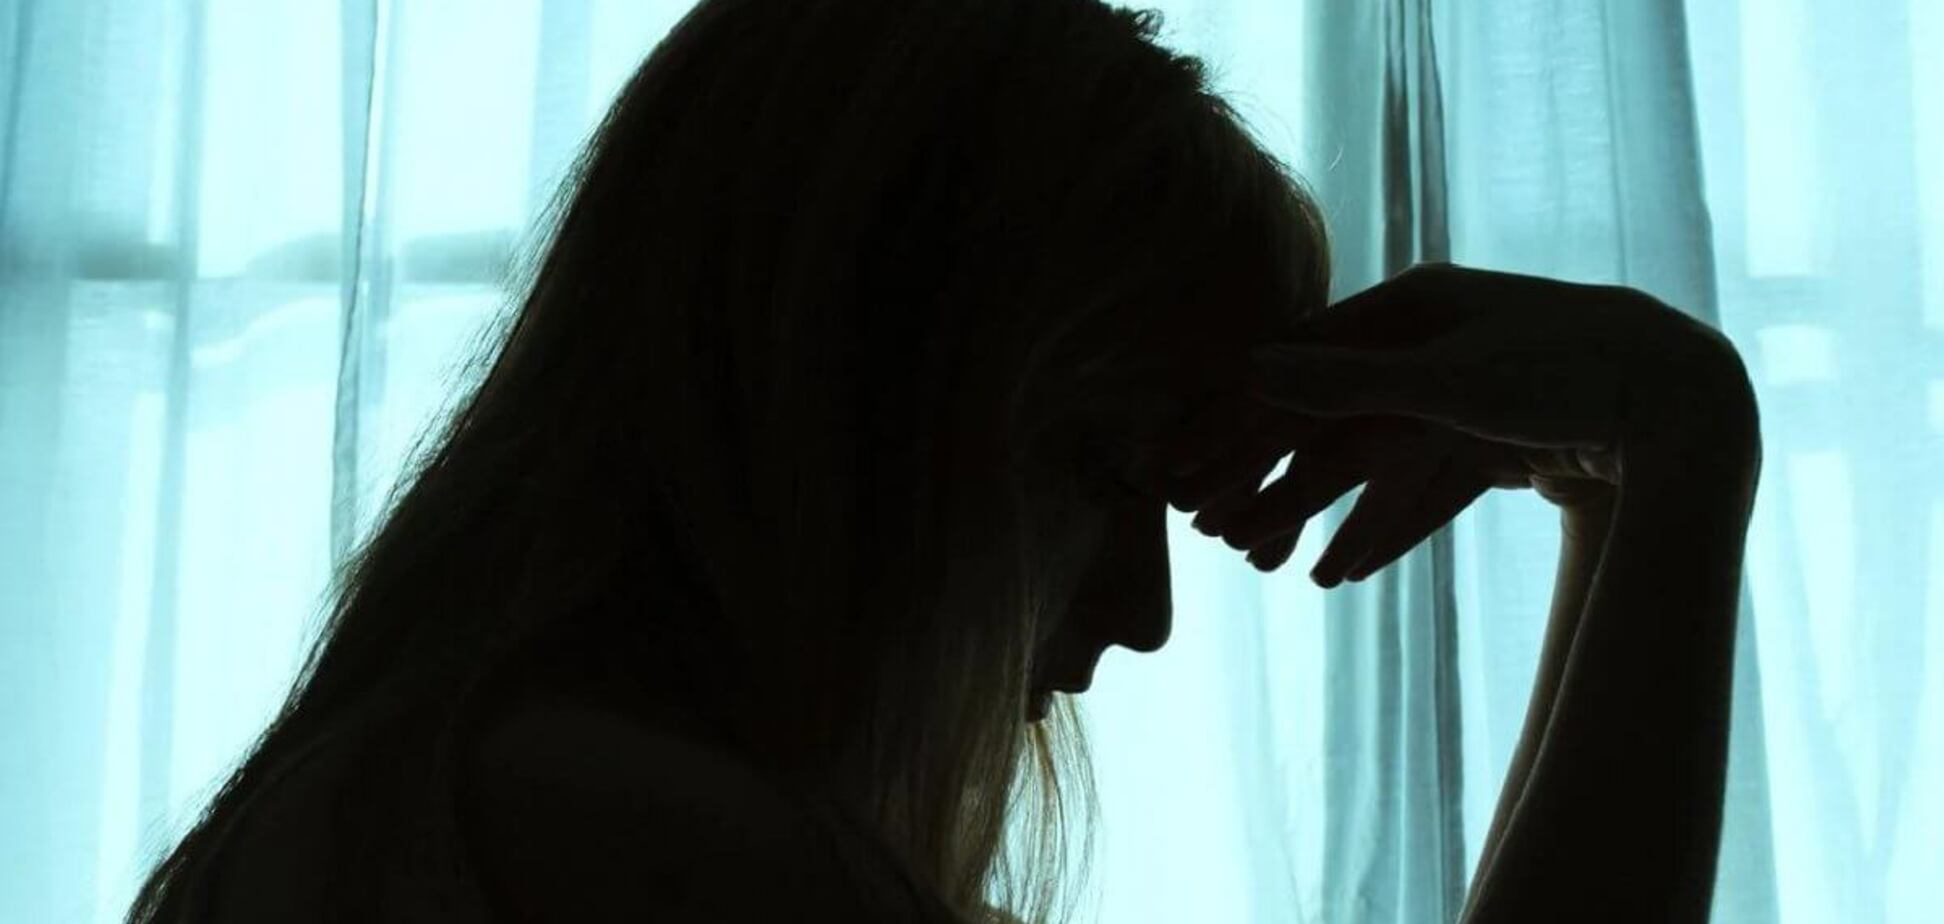 Про підозру в зґвалтуванні повідомлено двох чоловіків